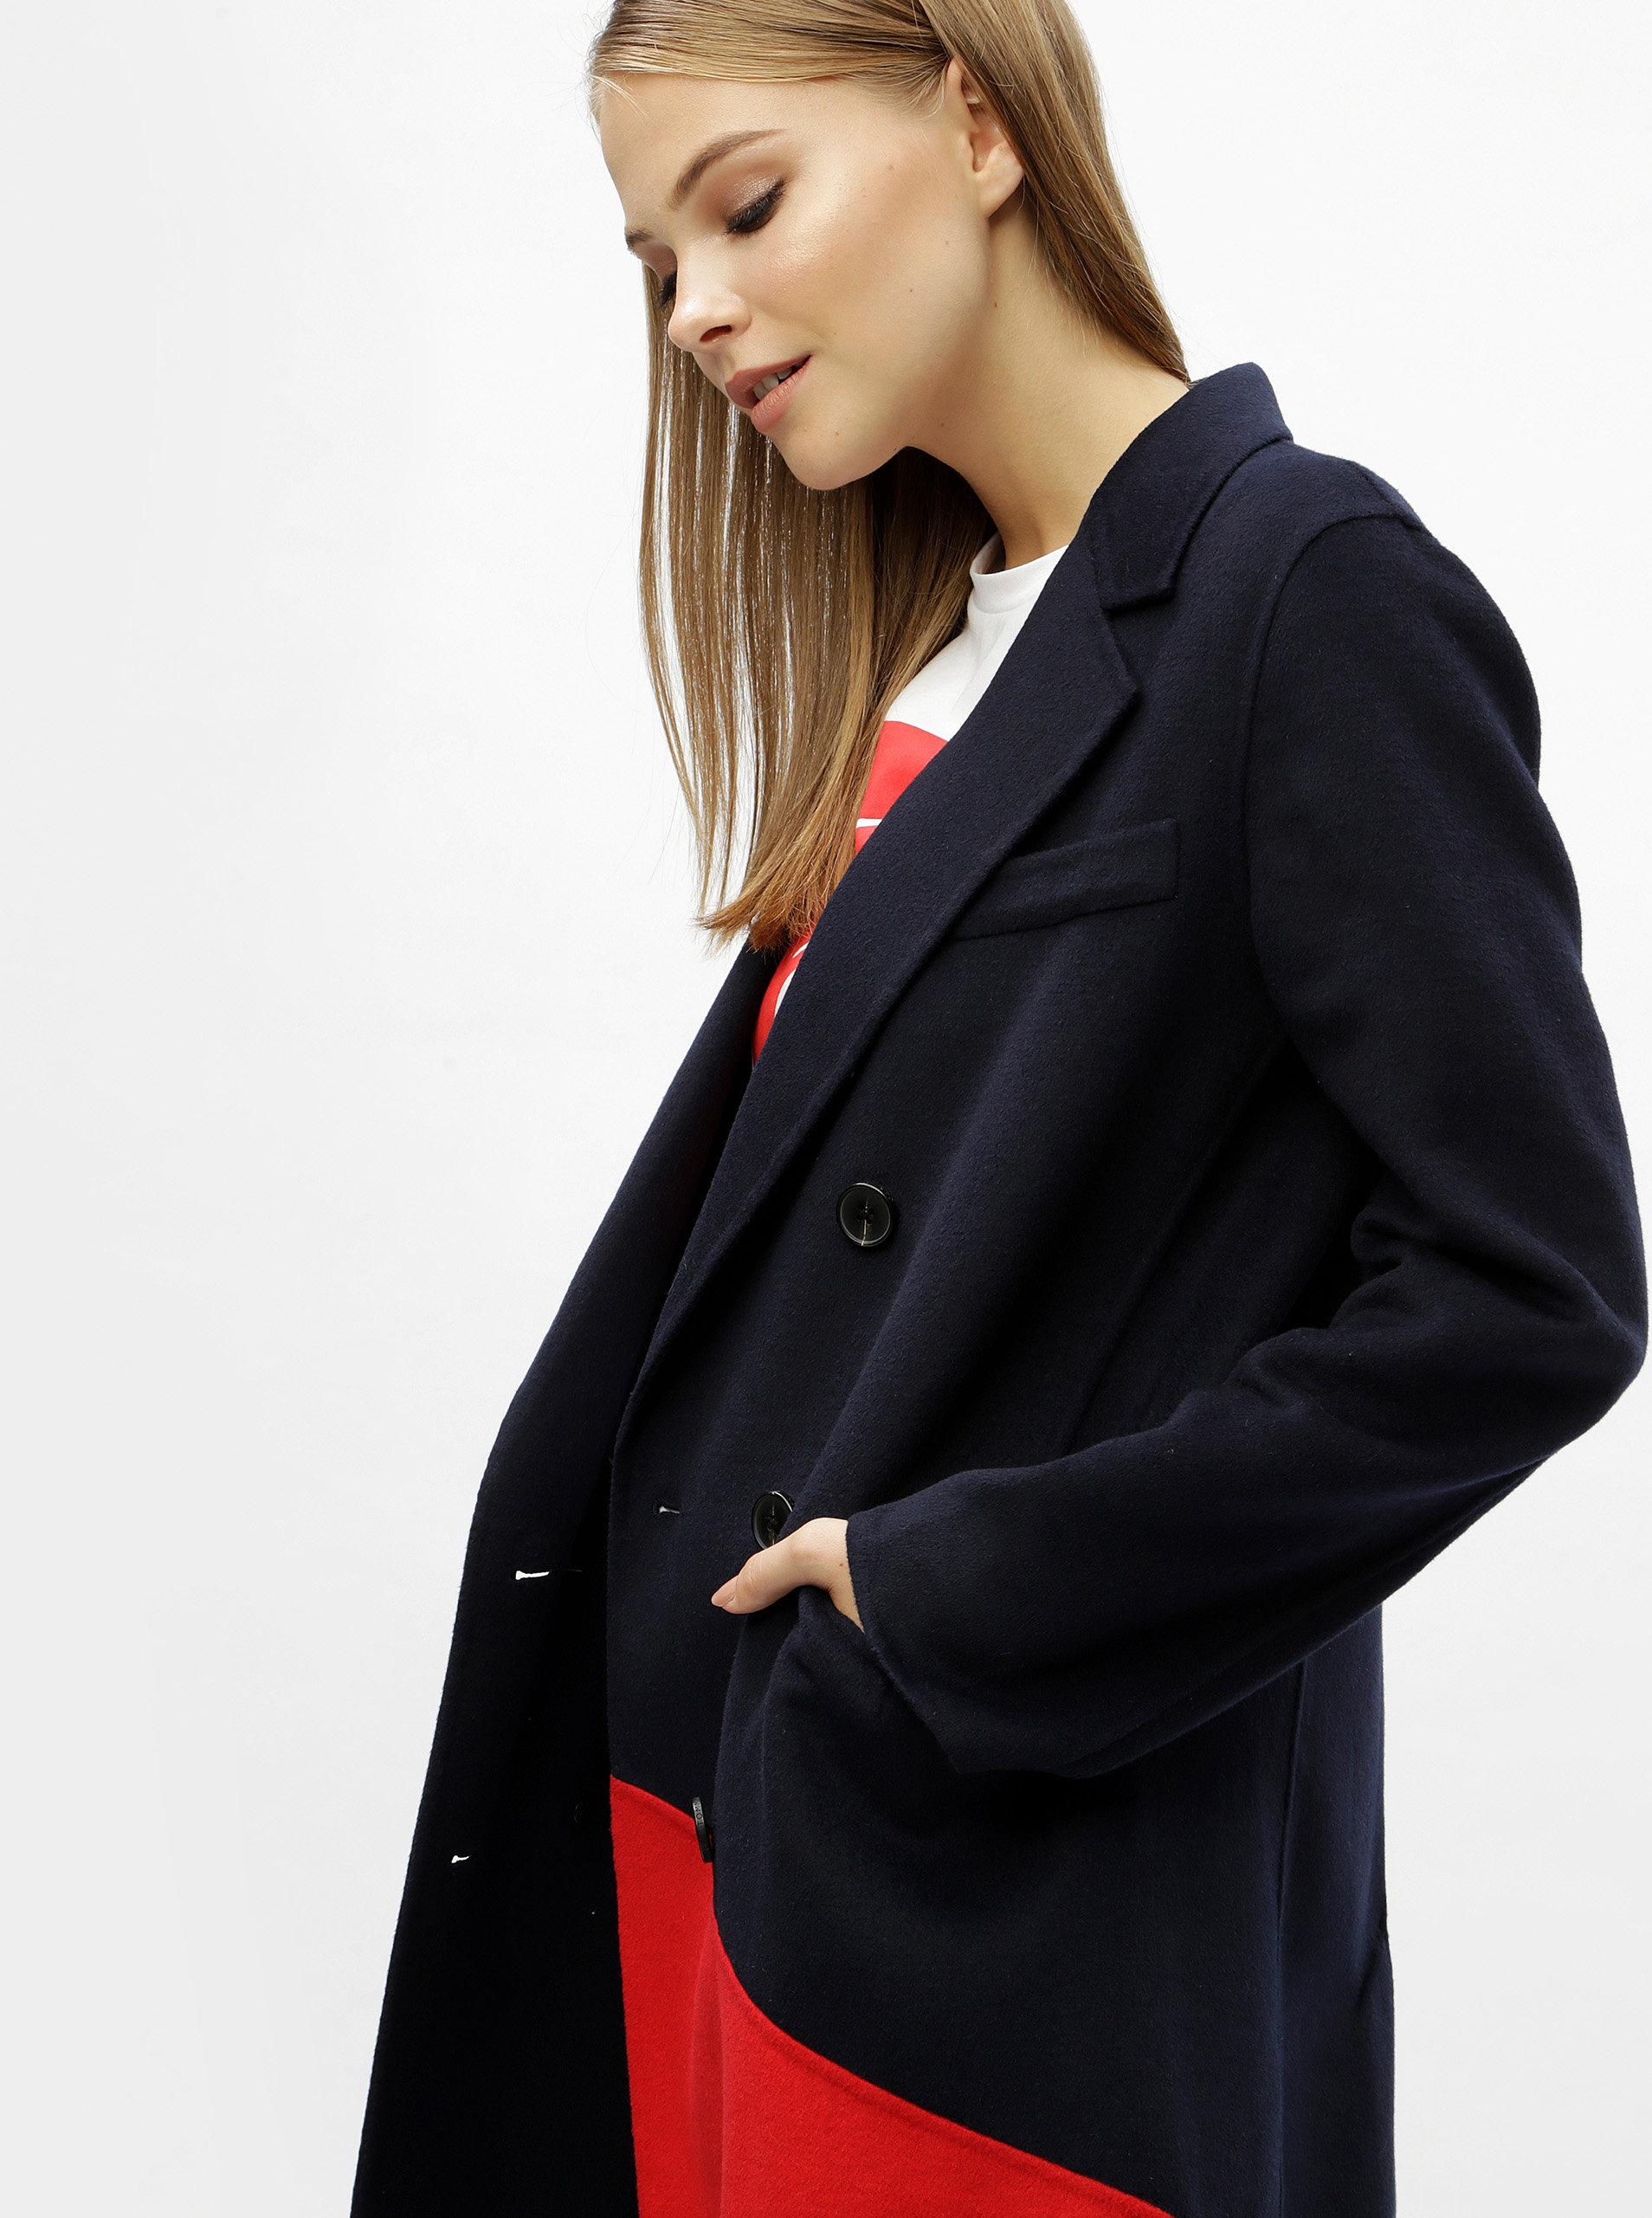 a8c3c11c193 Modrý dámský lehký vlněný kabát Tommy Hilfiger ...